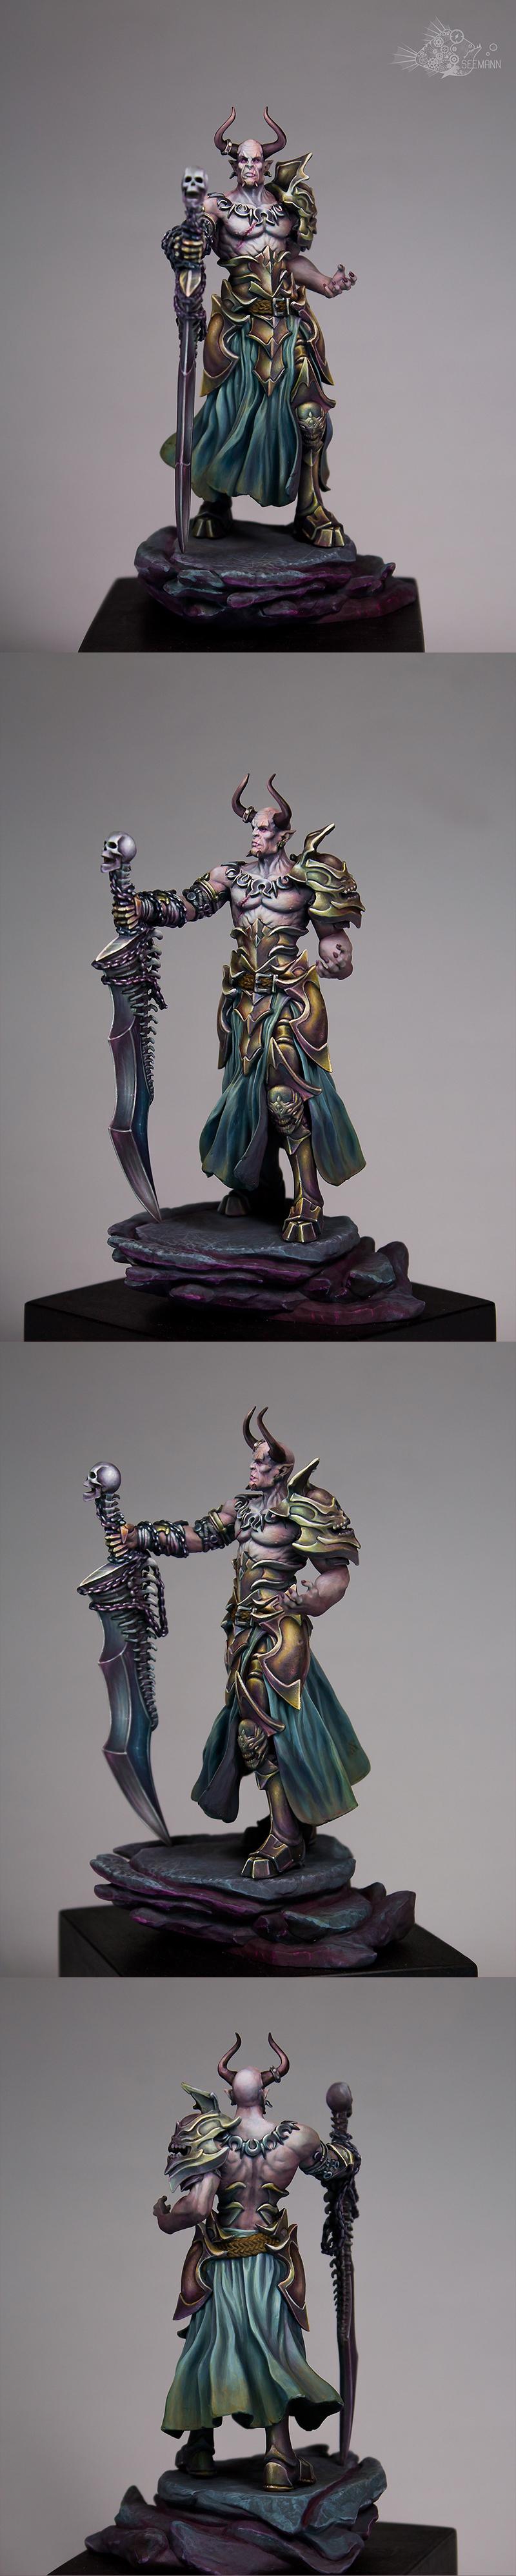 Dumah, Lord of Bones